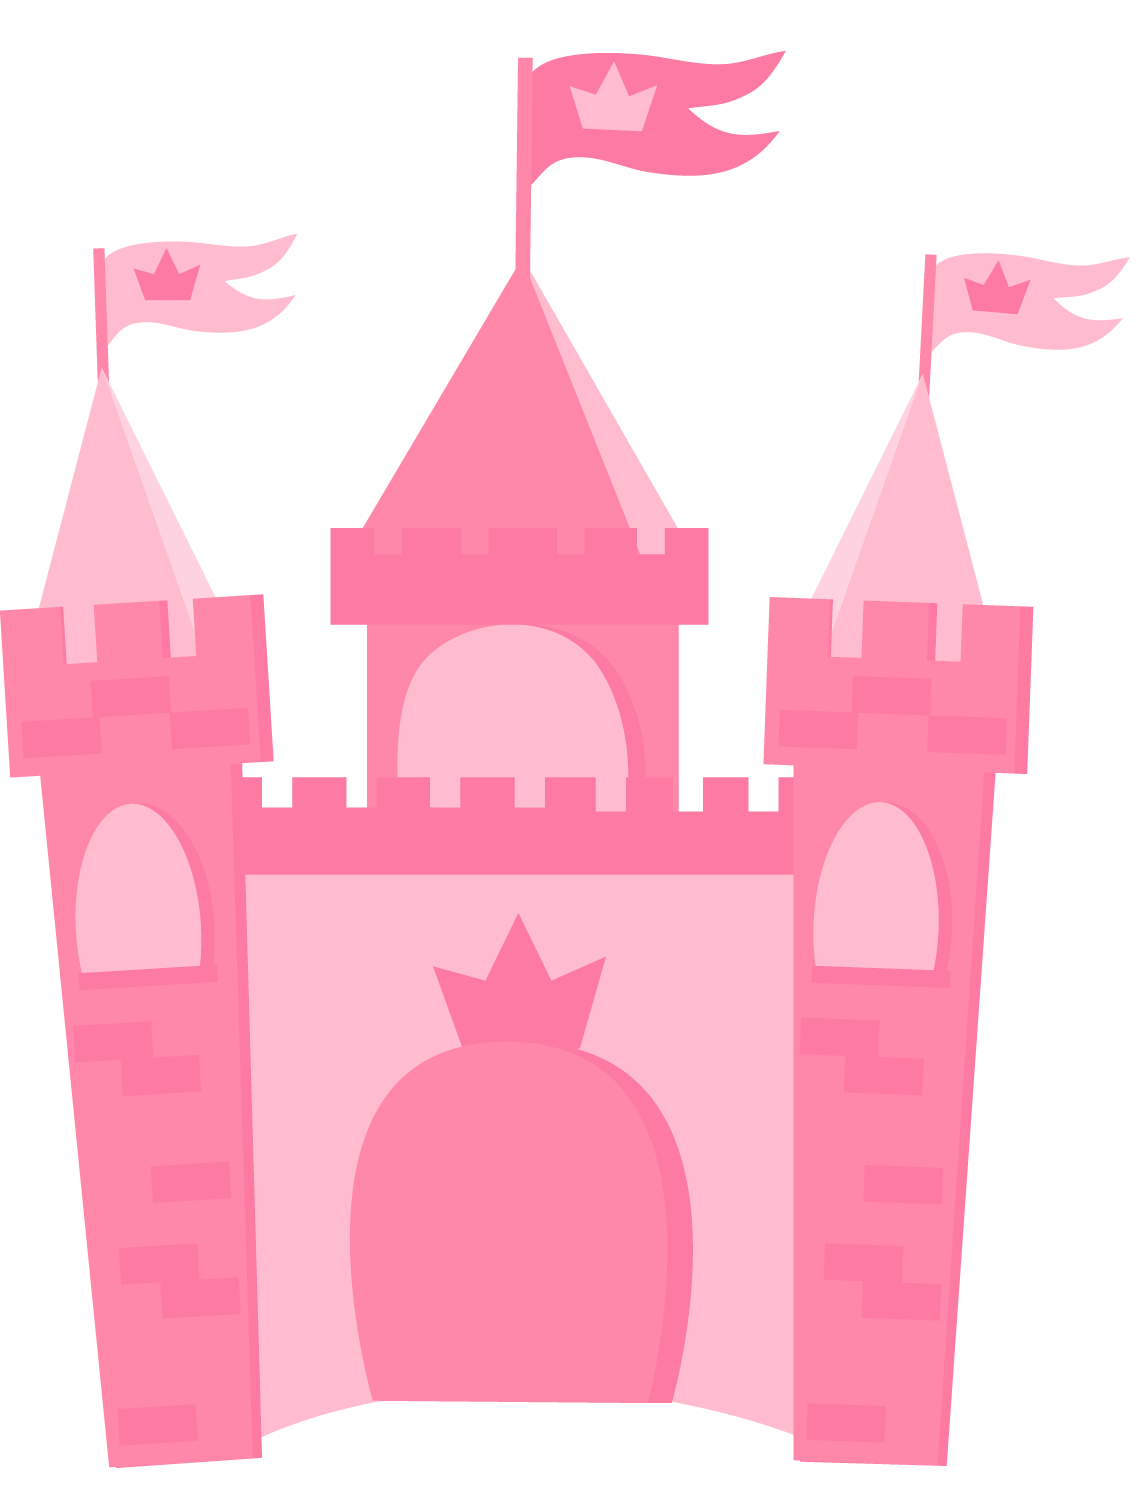 Clipart castle transparent background. Pink